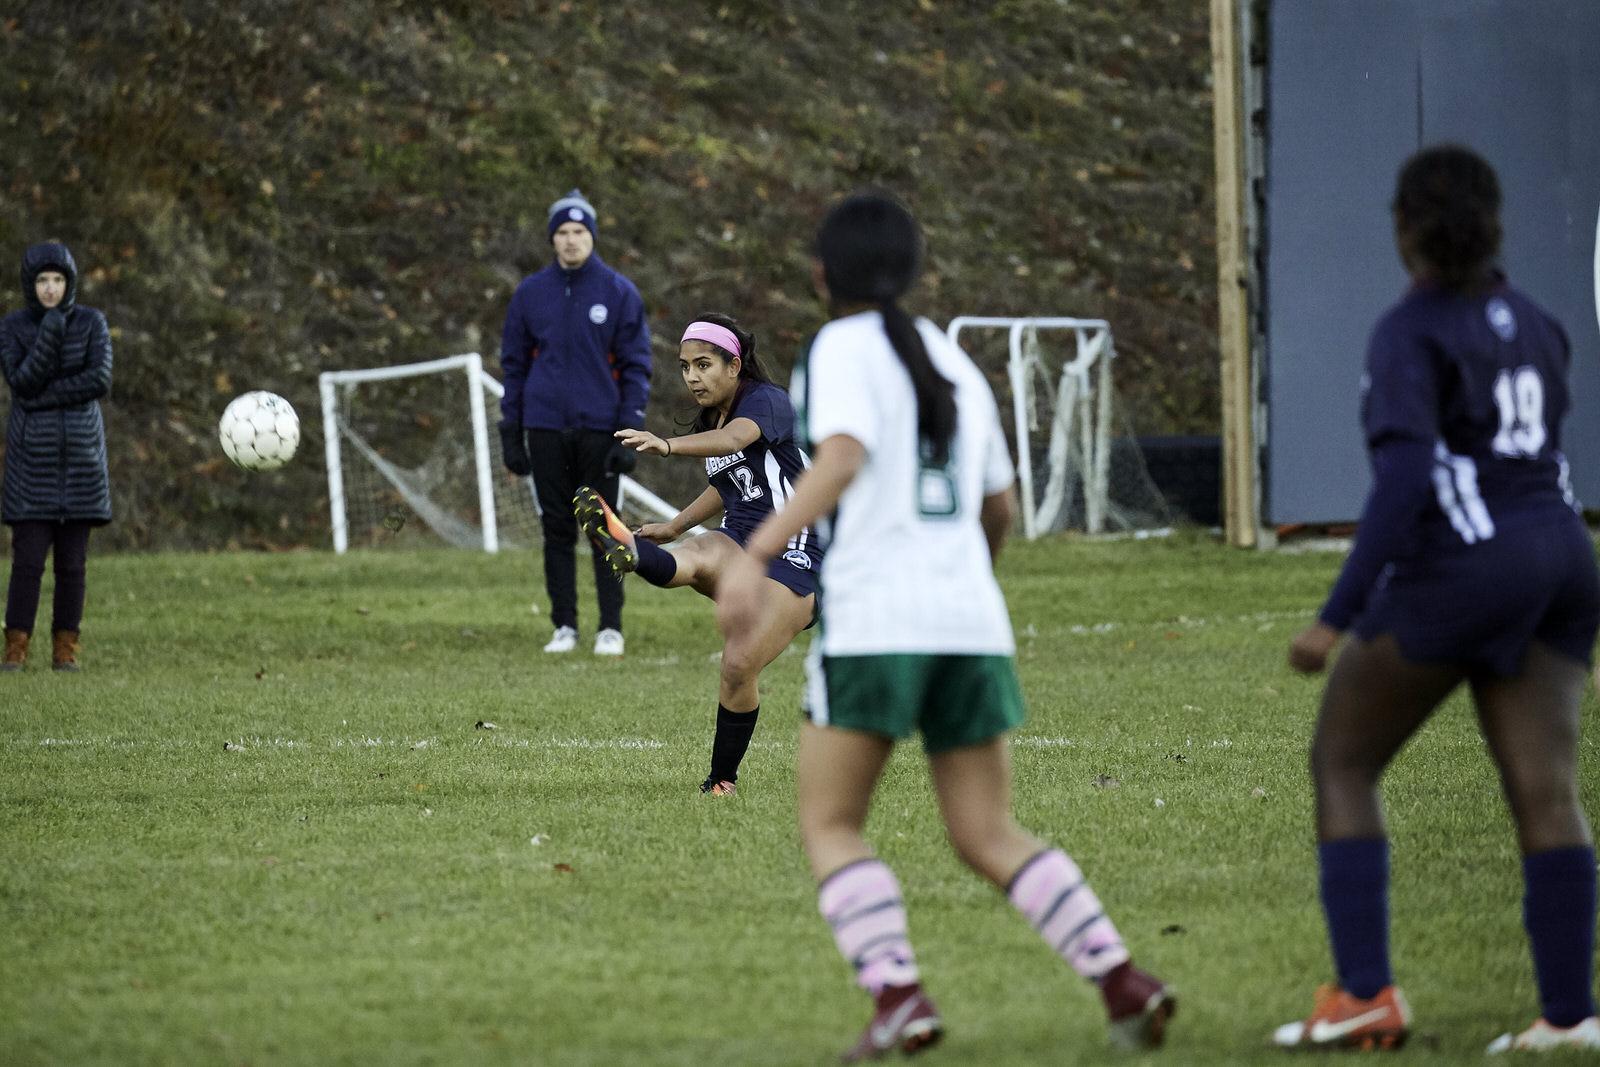 Girls Varsity Soccer vs. Eagle Hill School - October 30, 2018 139405.jpg